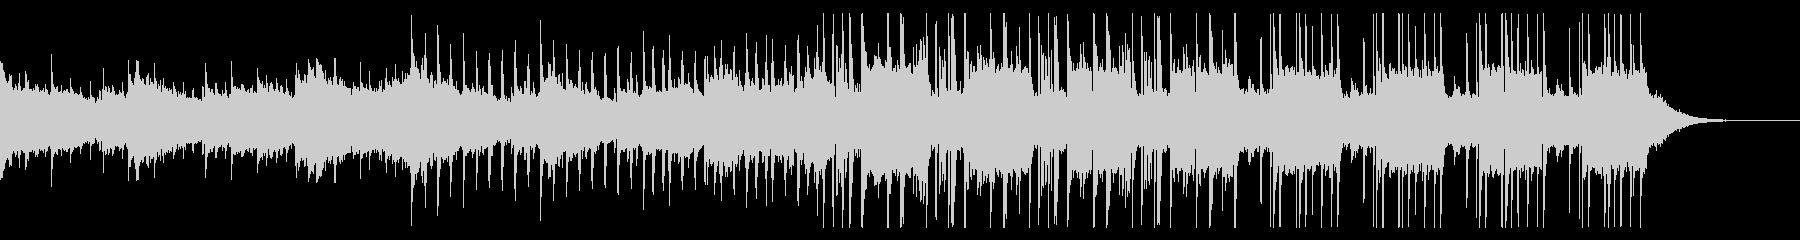 ボーカルチョップが可愛いシリアスPOPの未再生の波形